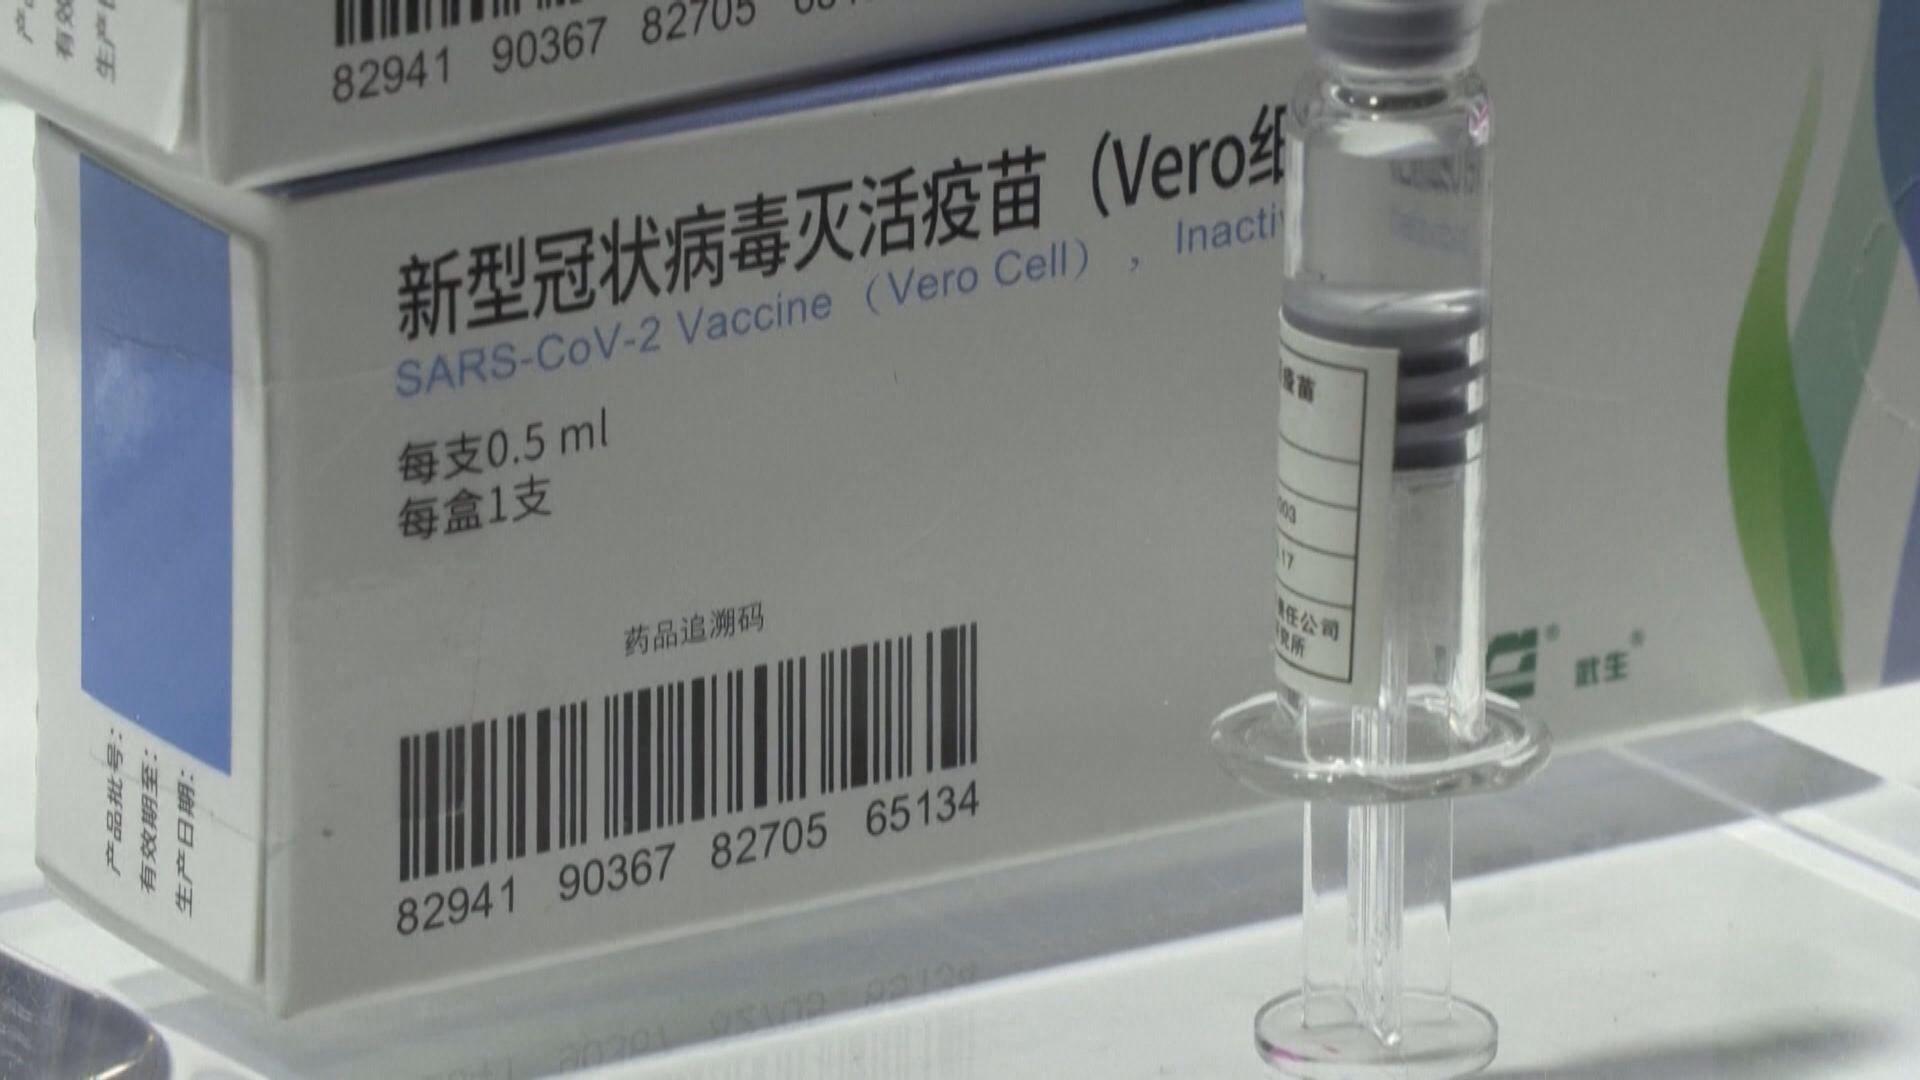 國藥公布旗下疫苗安全數據 總不良反應率為1.06%